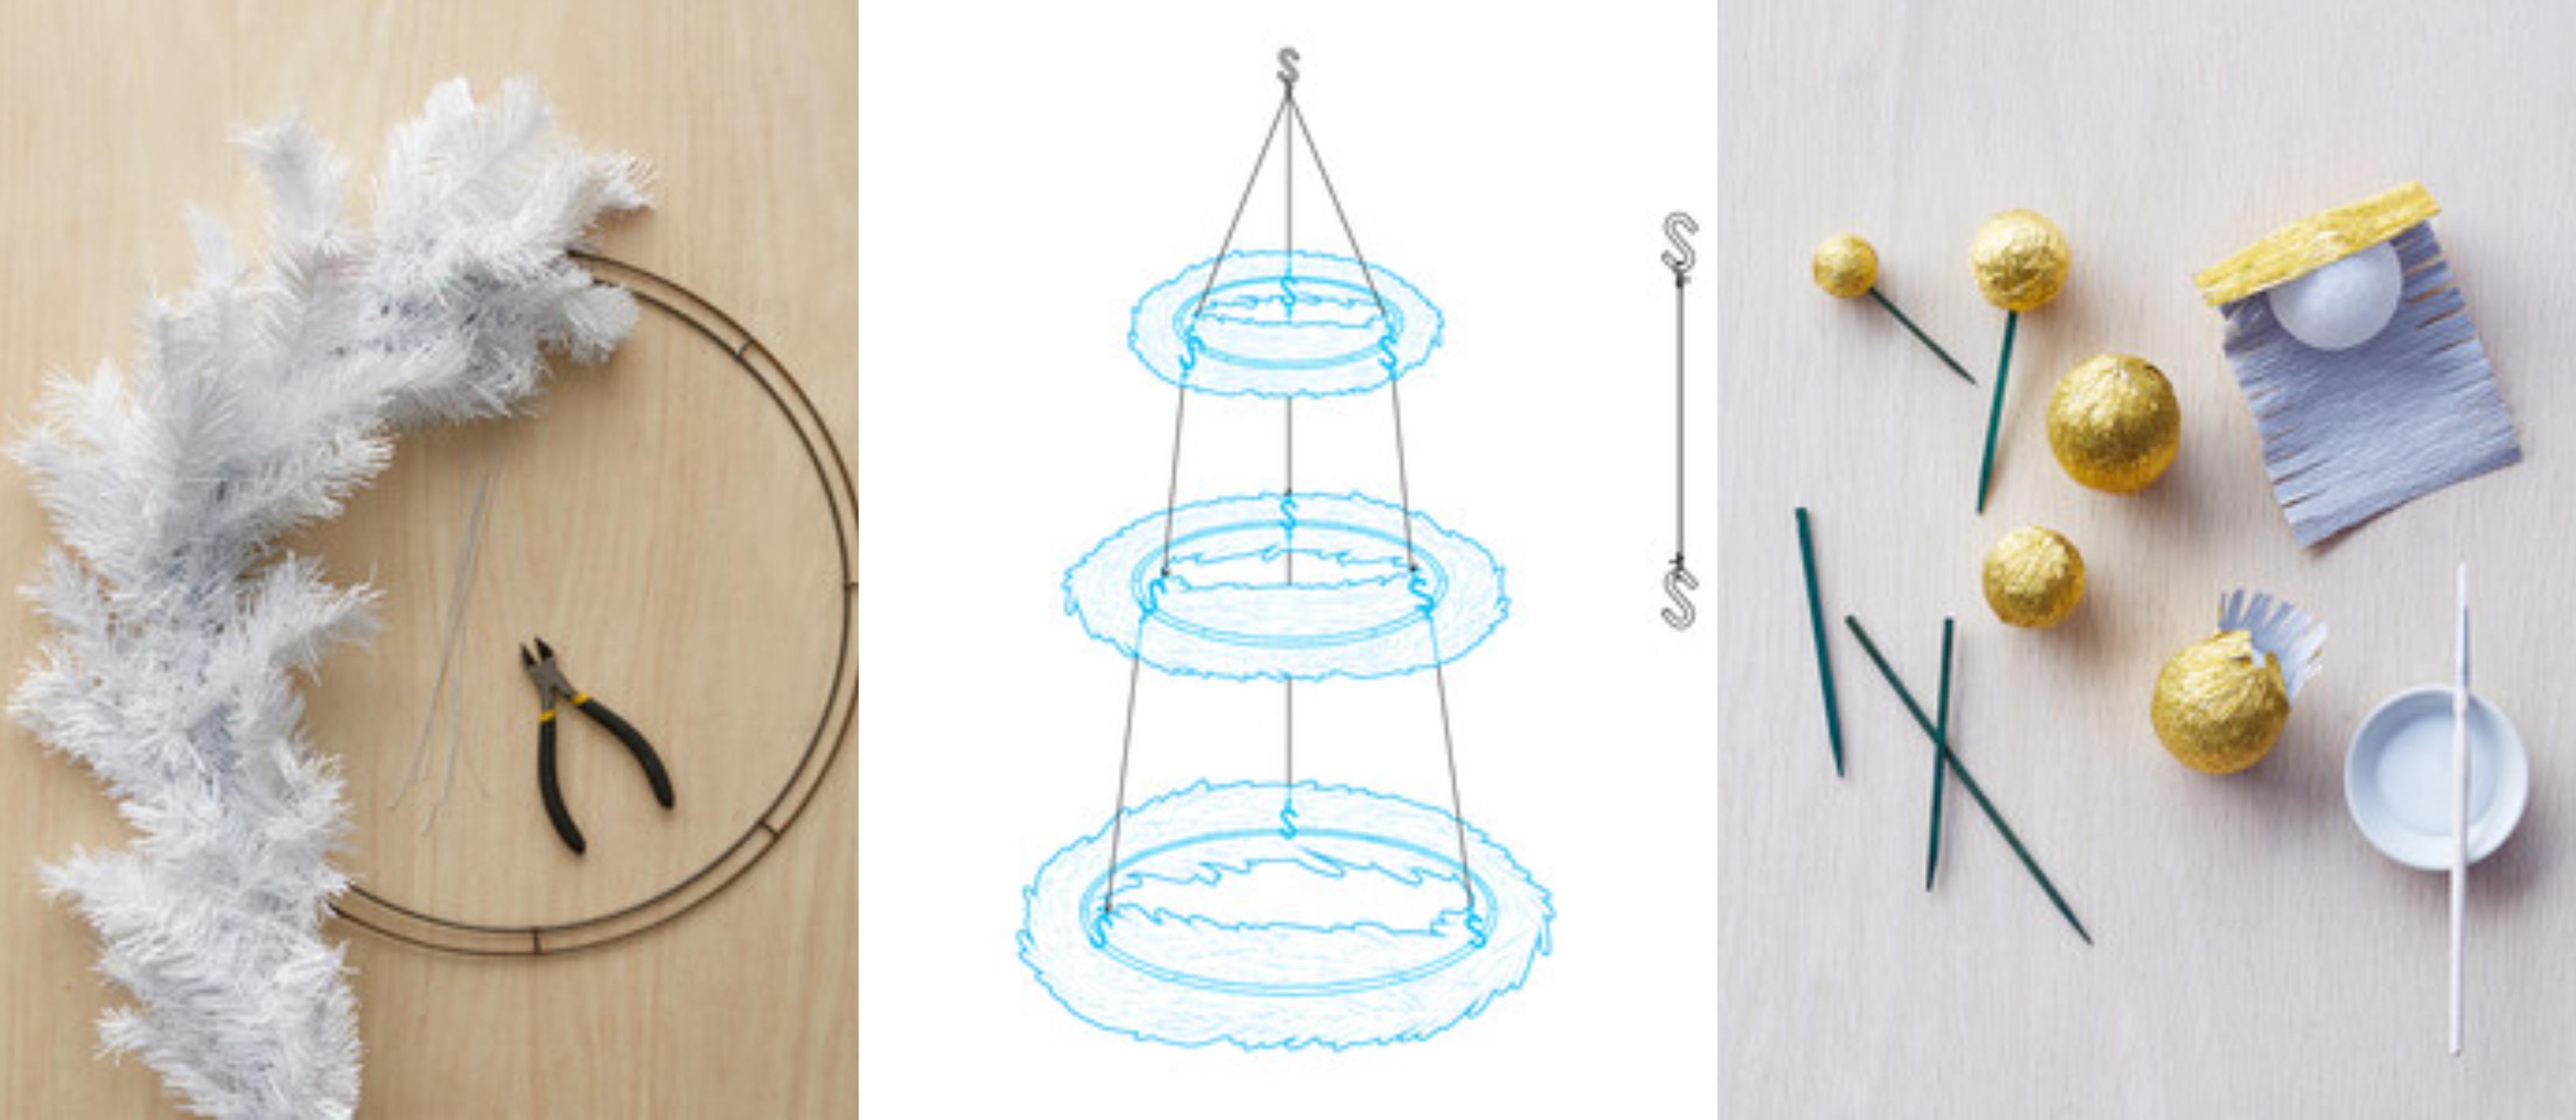 preciosas ideas de árboles de Navidad alternativos DIY para hacer en casa, tutorial con imágines